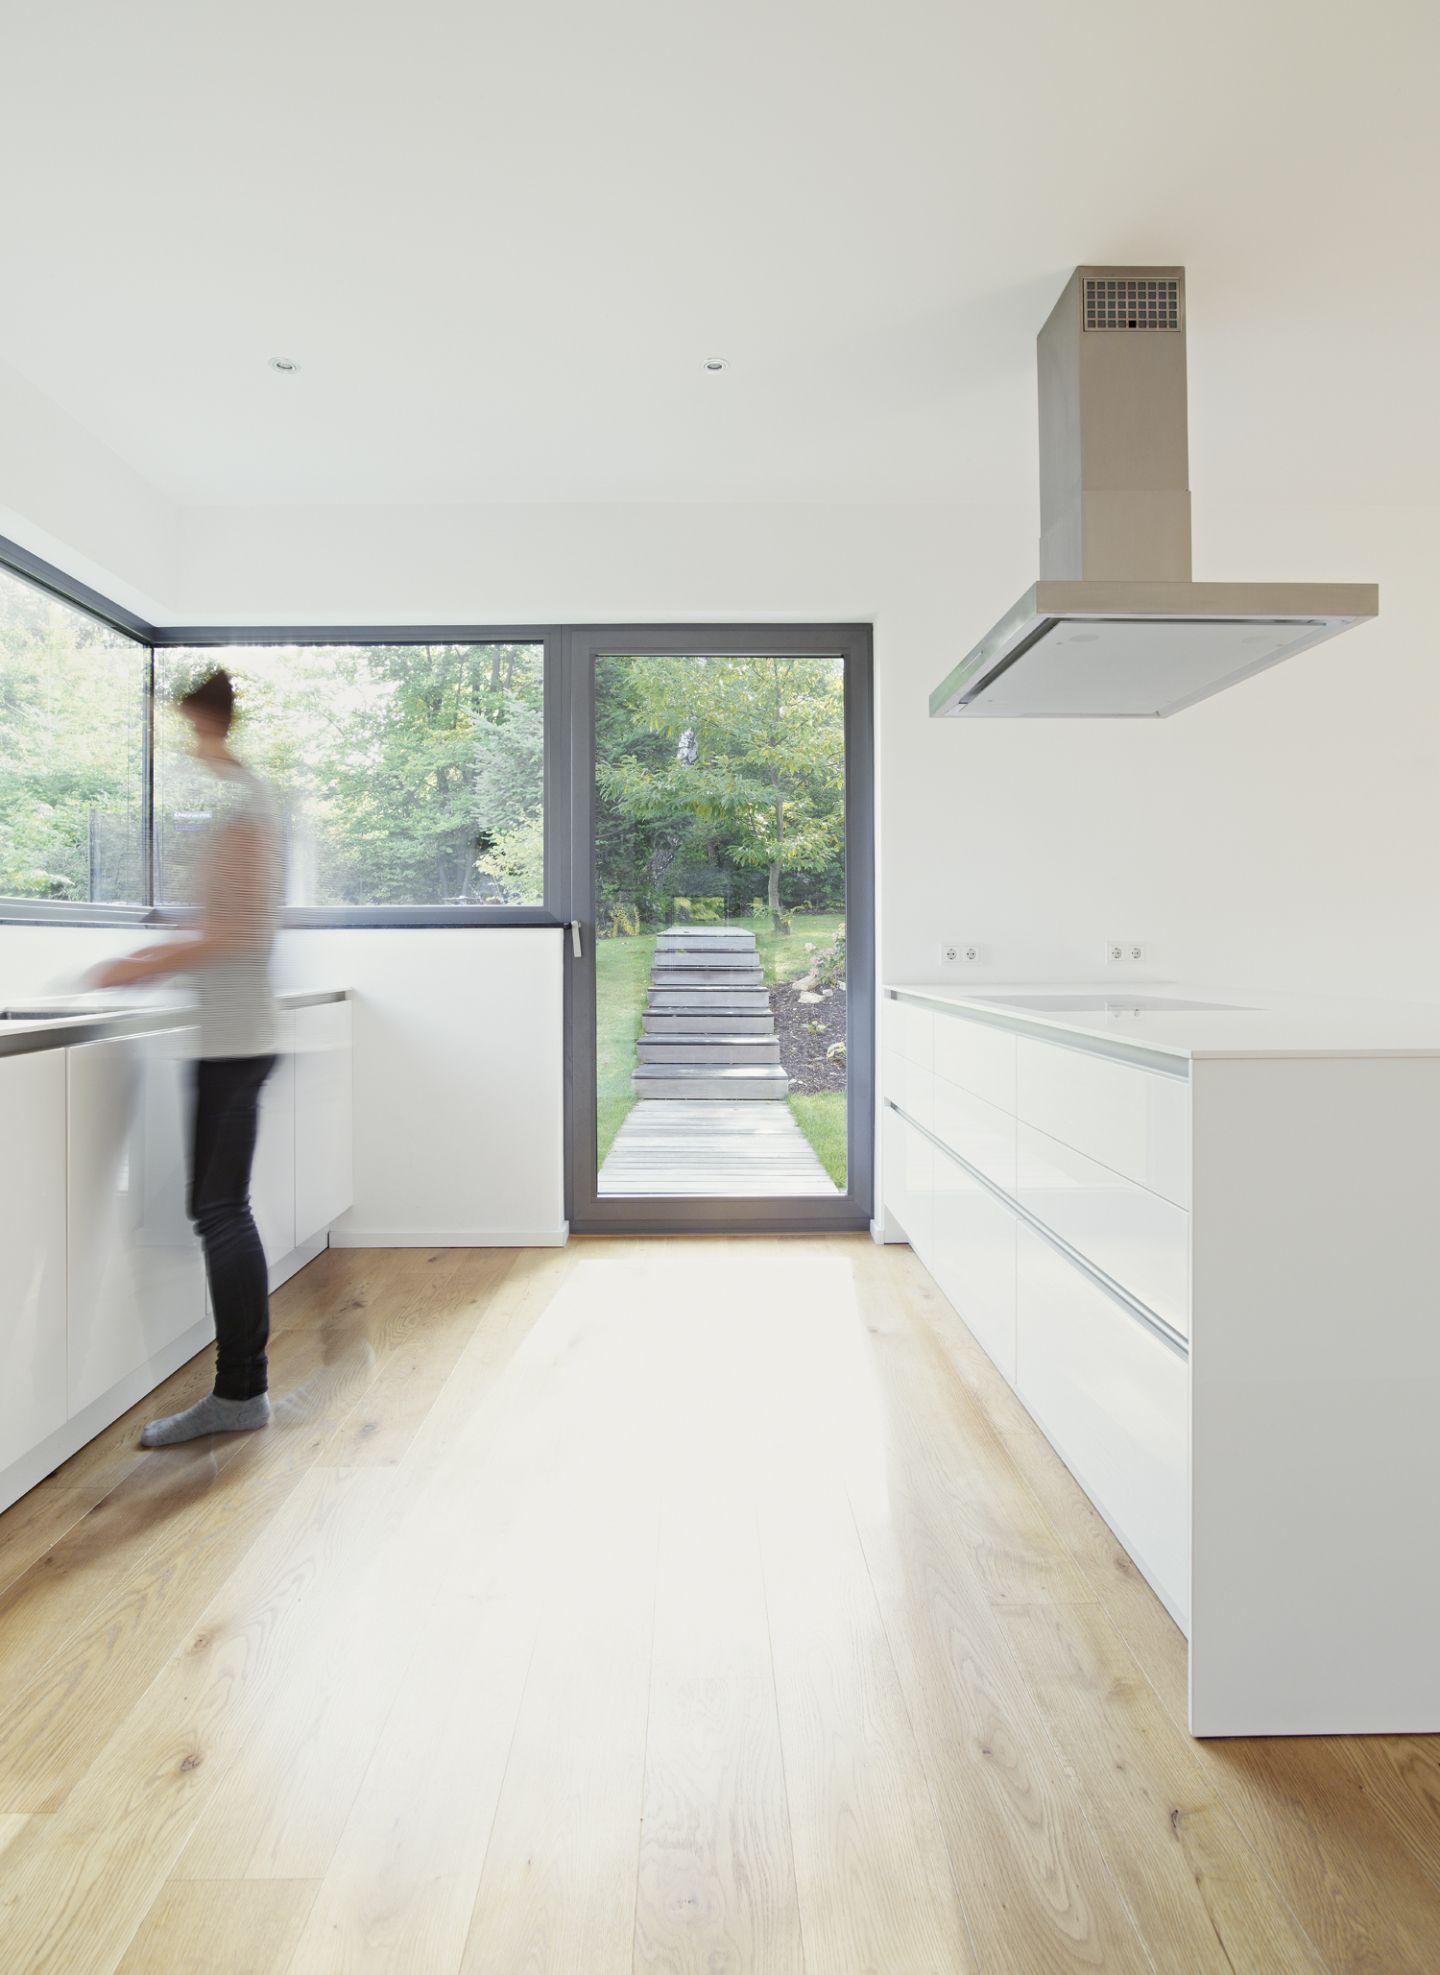 Fenster Band helle küche mit fensterband bauemotion de